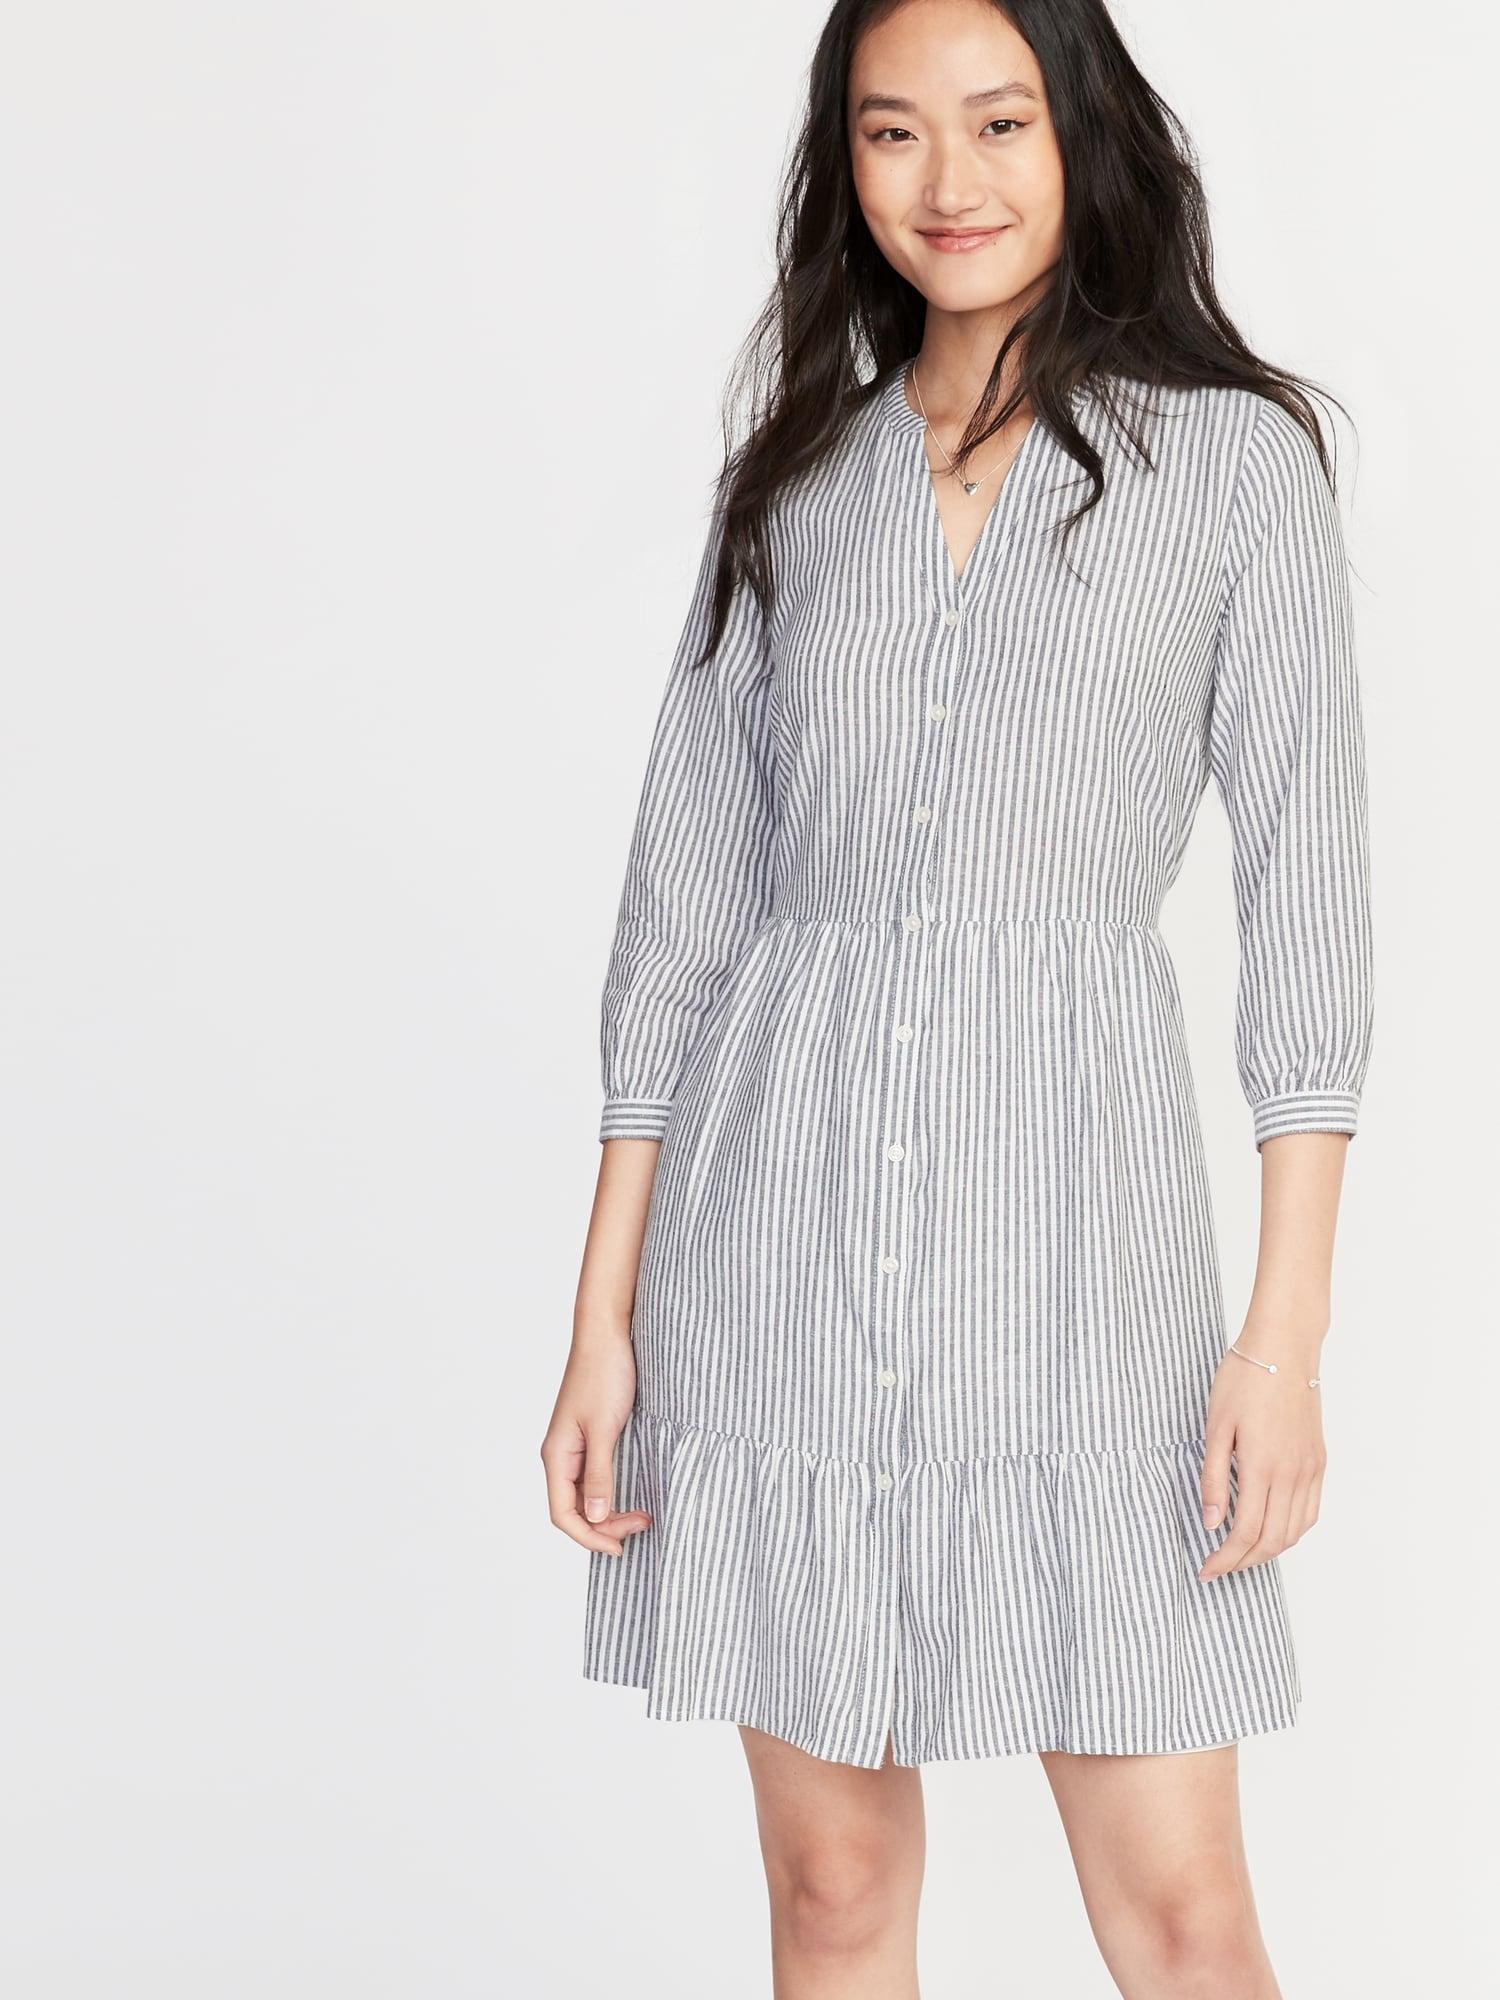 96c2a06fd4 Waist-Defined Striped Shirt Dress for Women